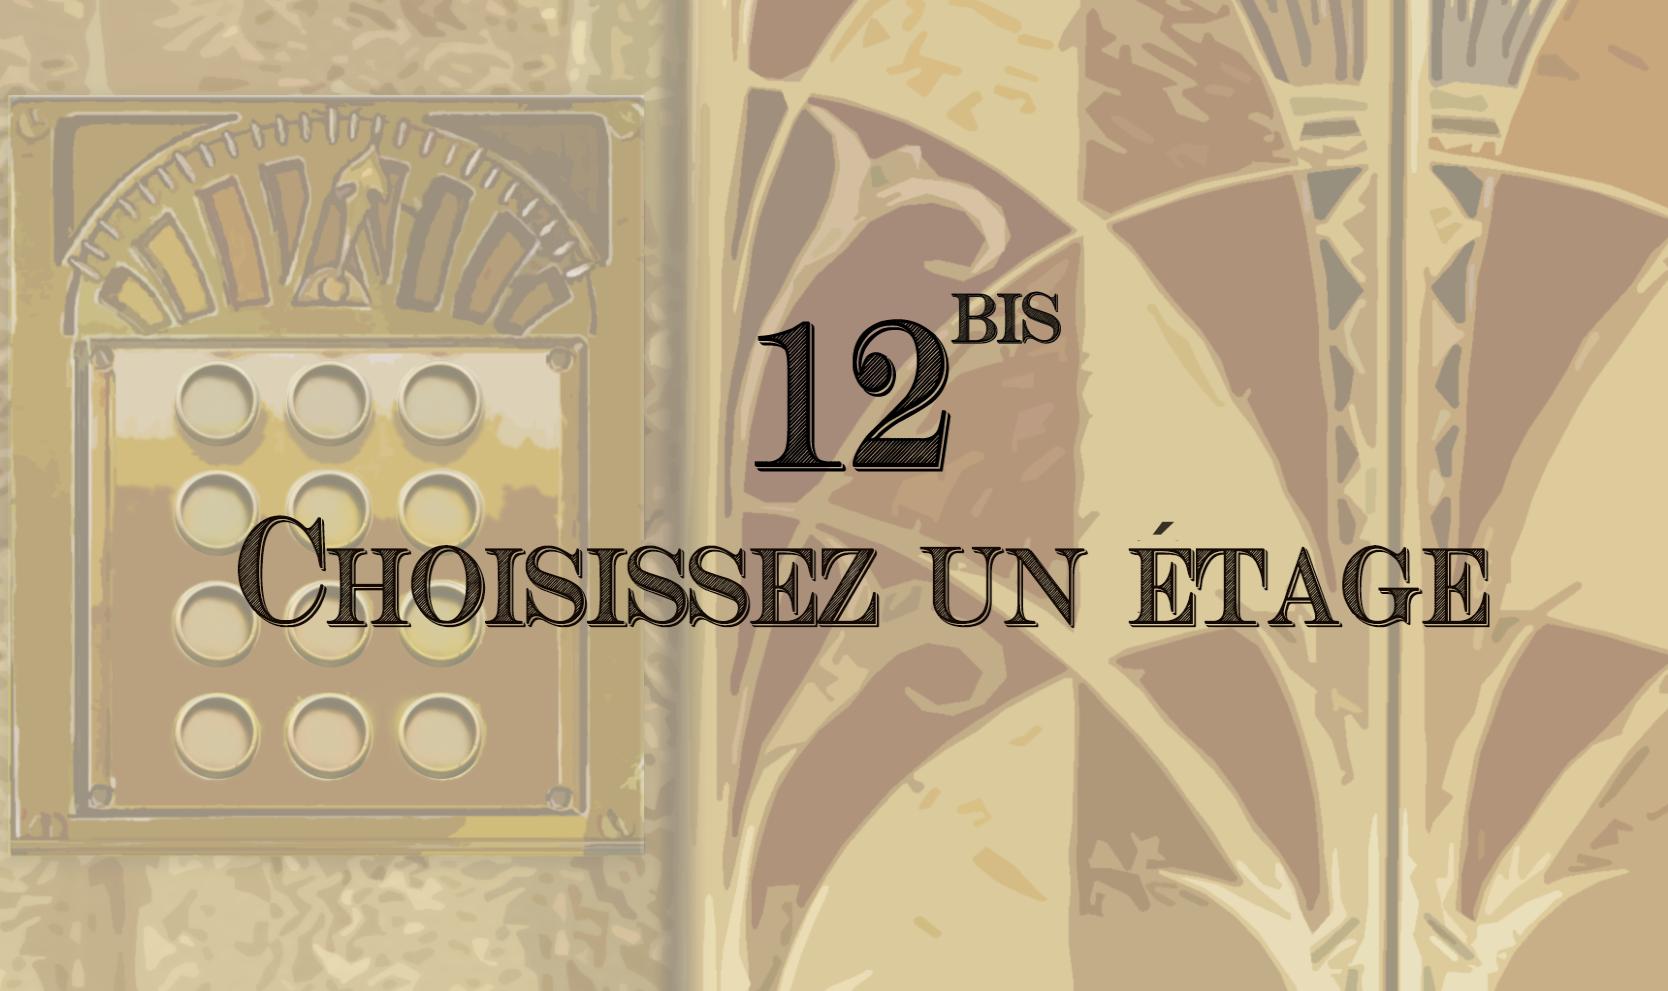 12bis